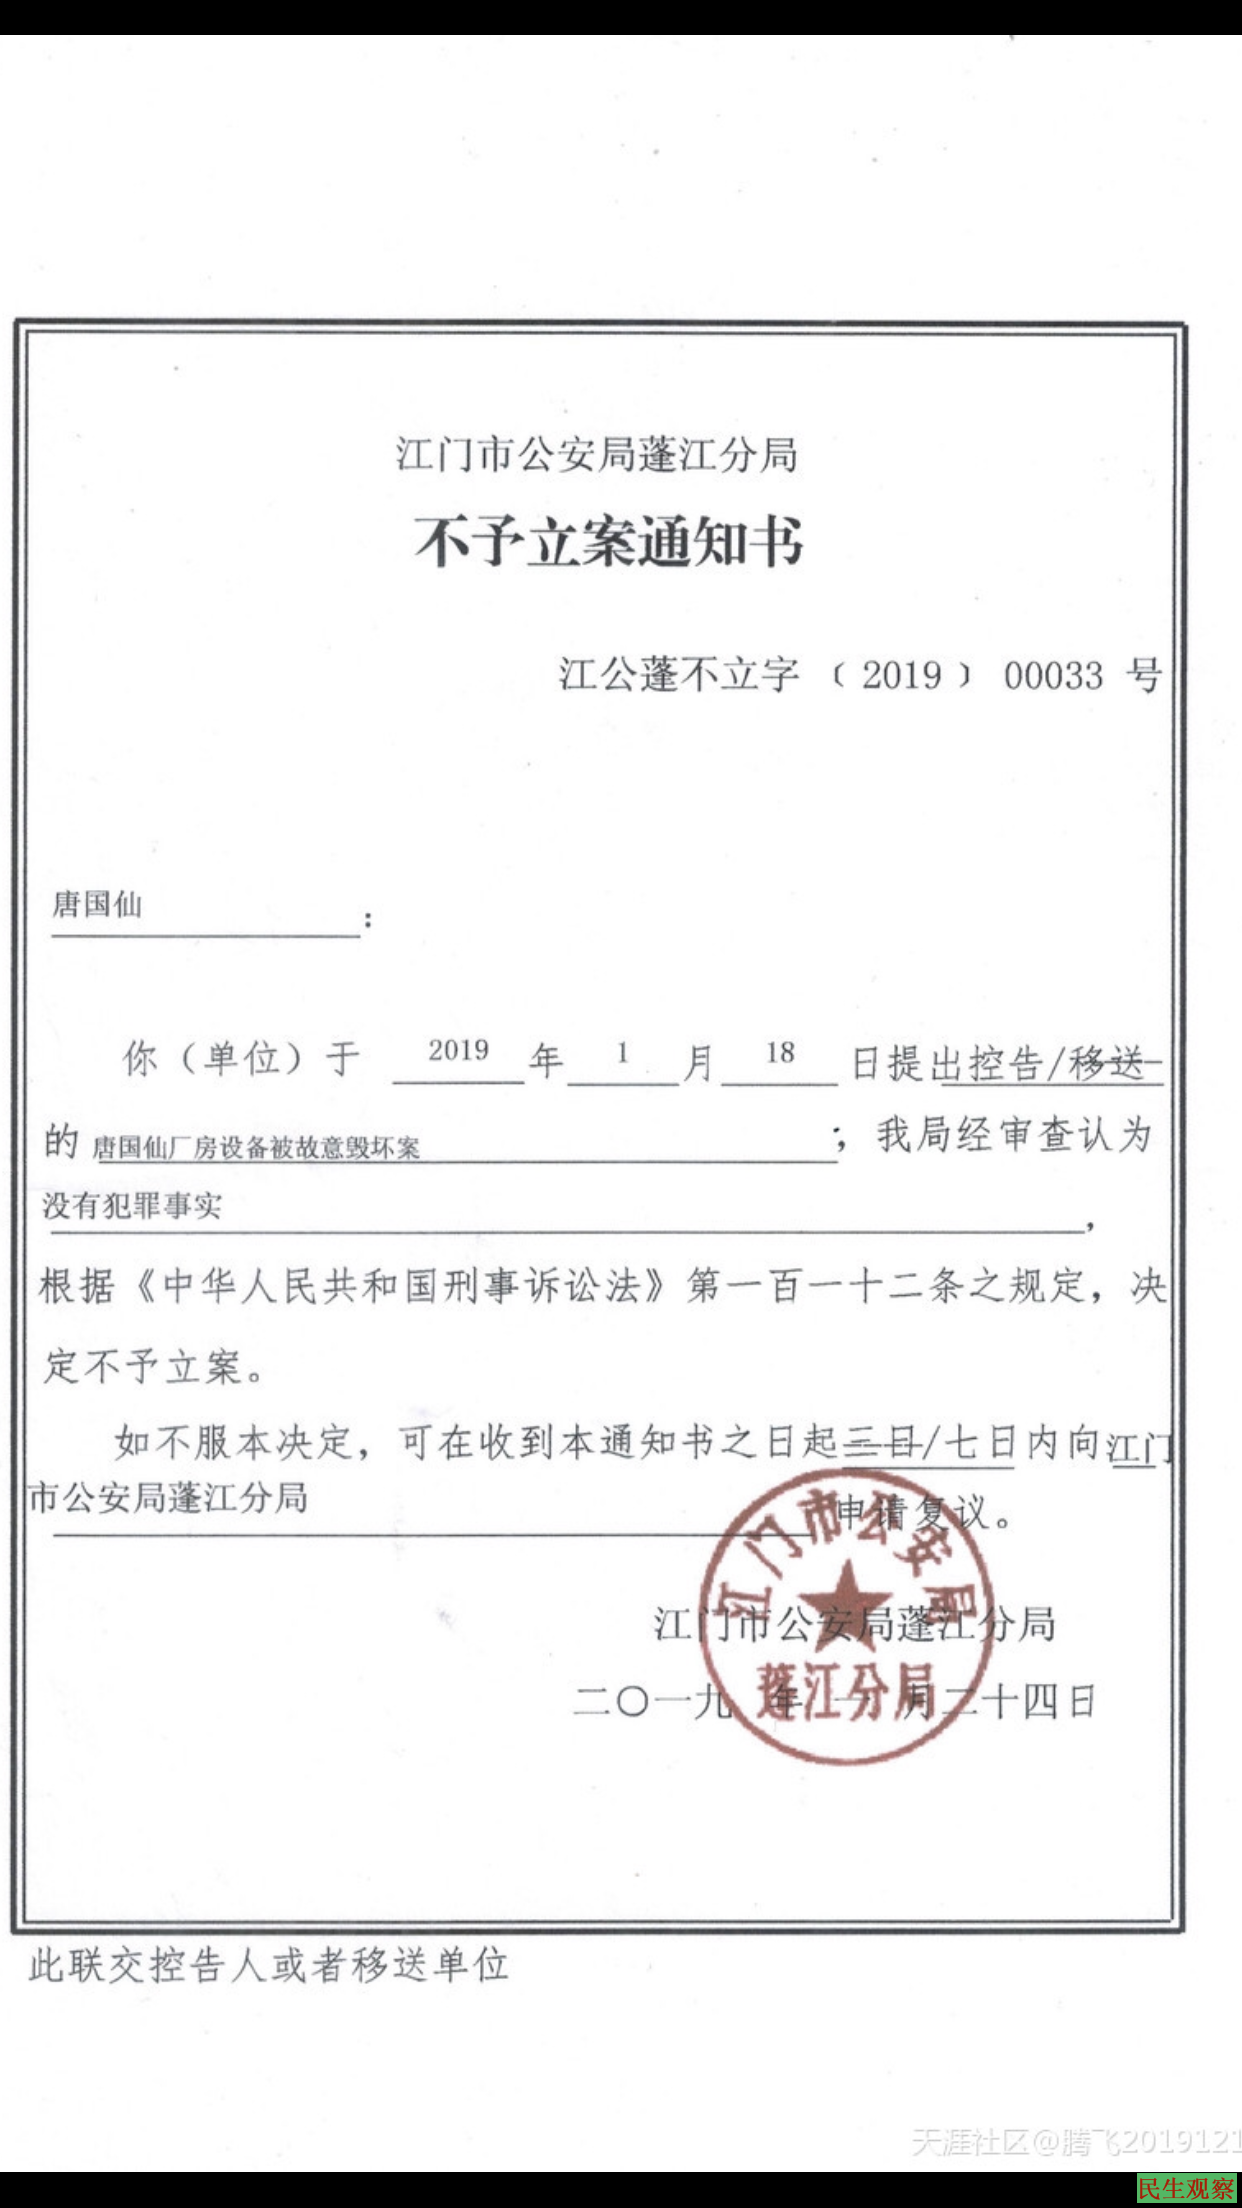 广东民企遭强拆公安不予立案